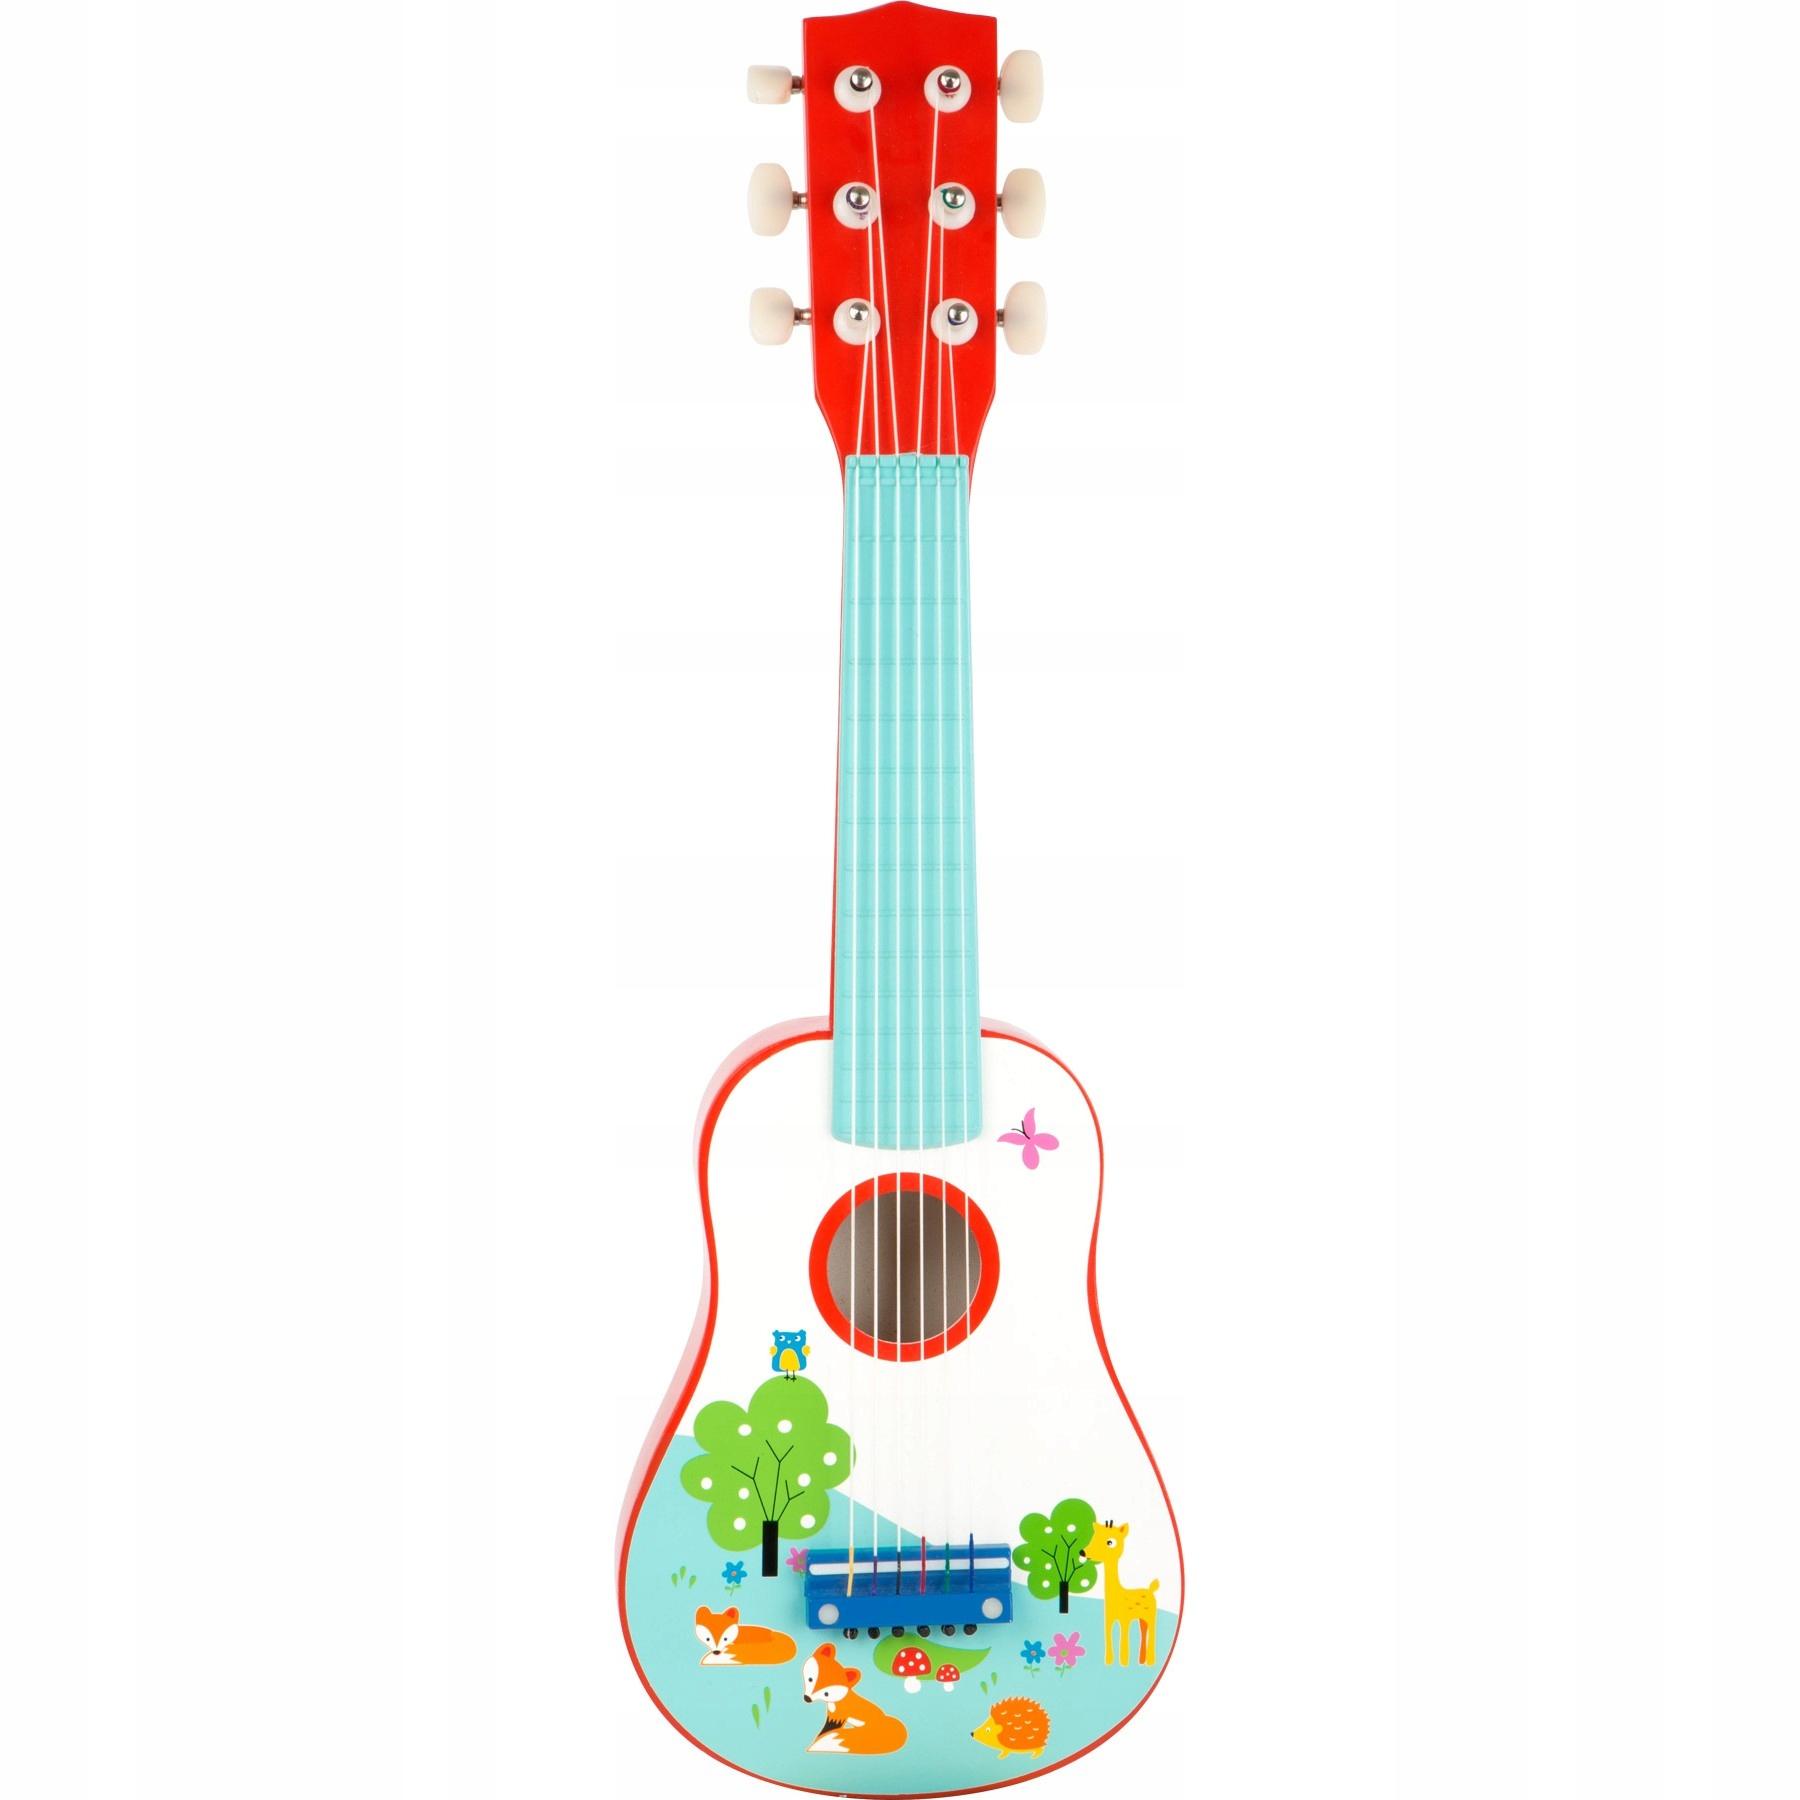 Gitara pre deti klasické farebné 54 cm drevo